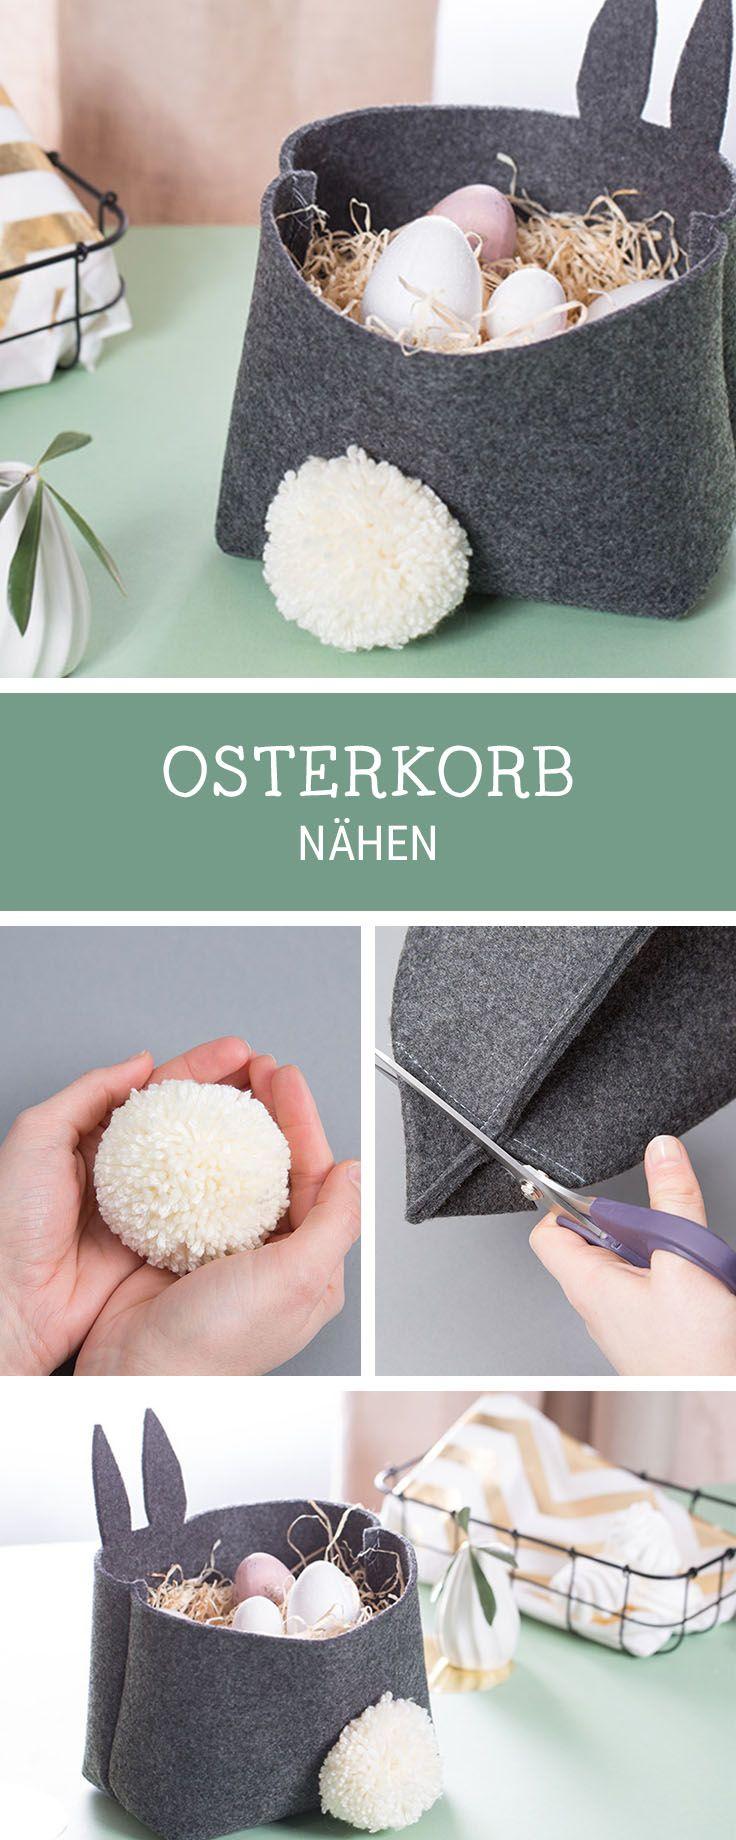 Oster-DIY: Nähanleitung für ein Osterkorb aus Filz, Ostedeko selbermachen / handmade Easter decoration: how to sew an Easter basket via DaWanda.com